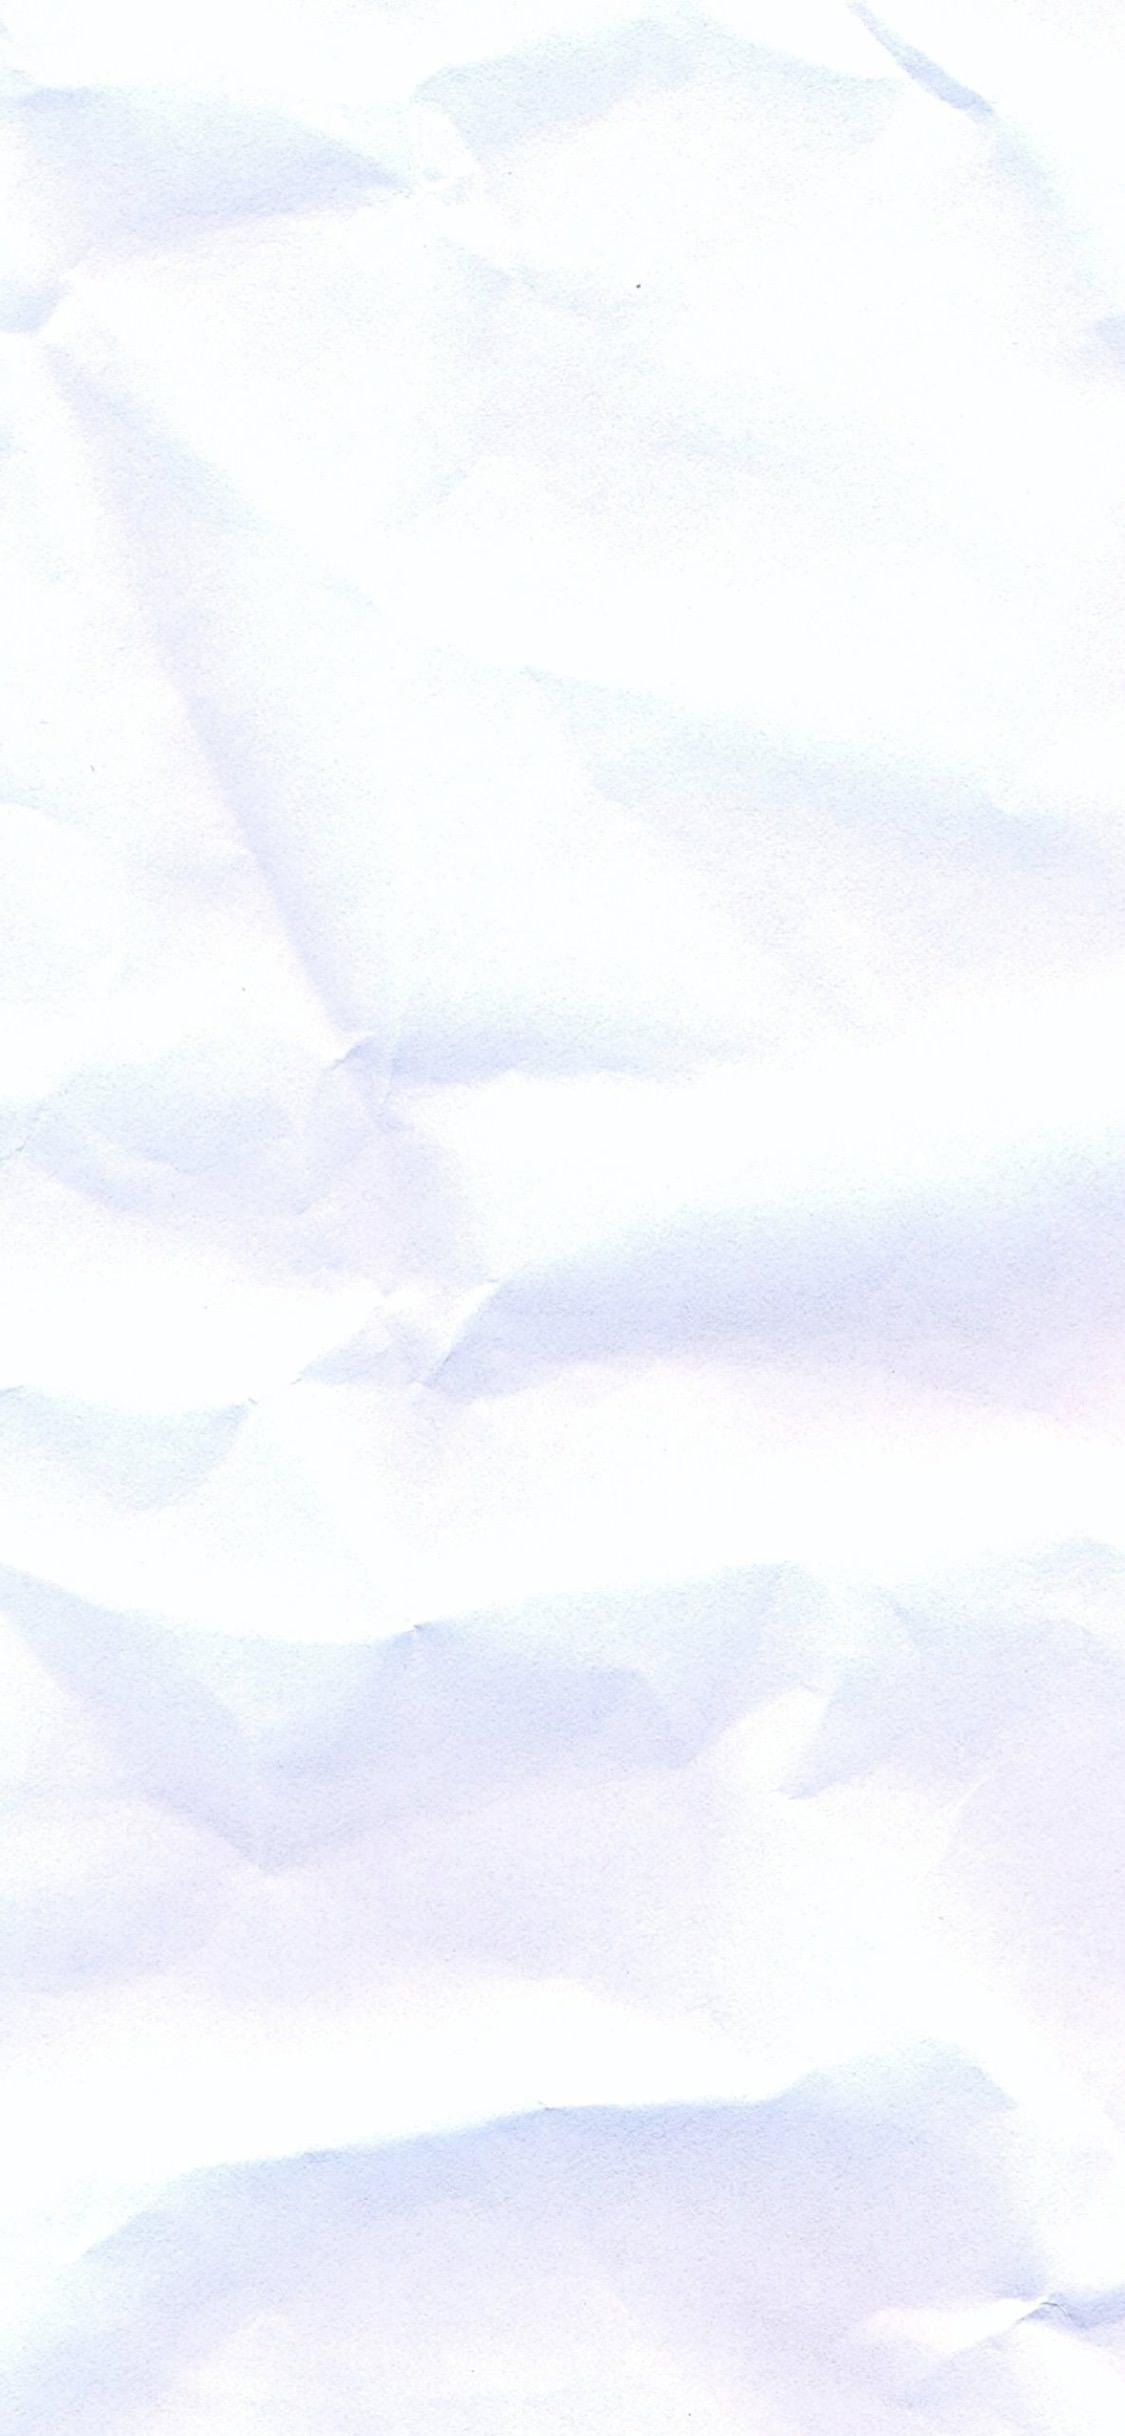 Pattern White Paper Wallpaper Sc Iphonexs